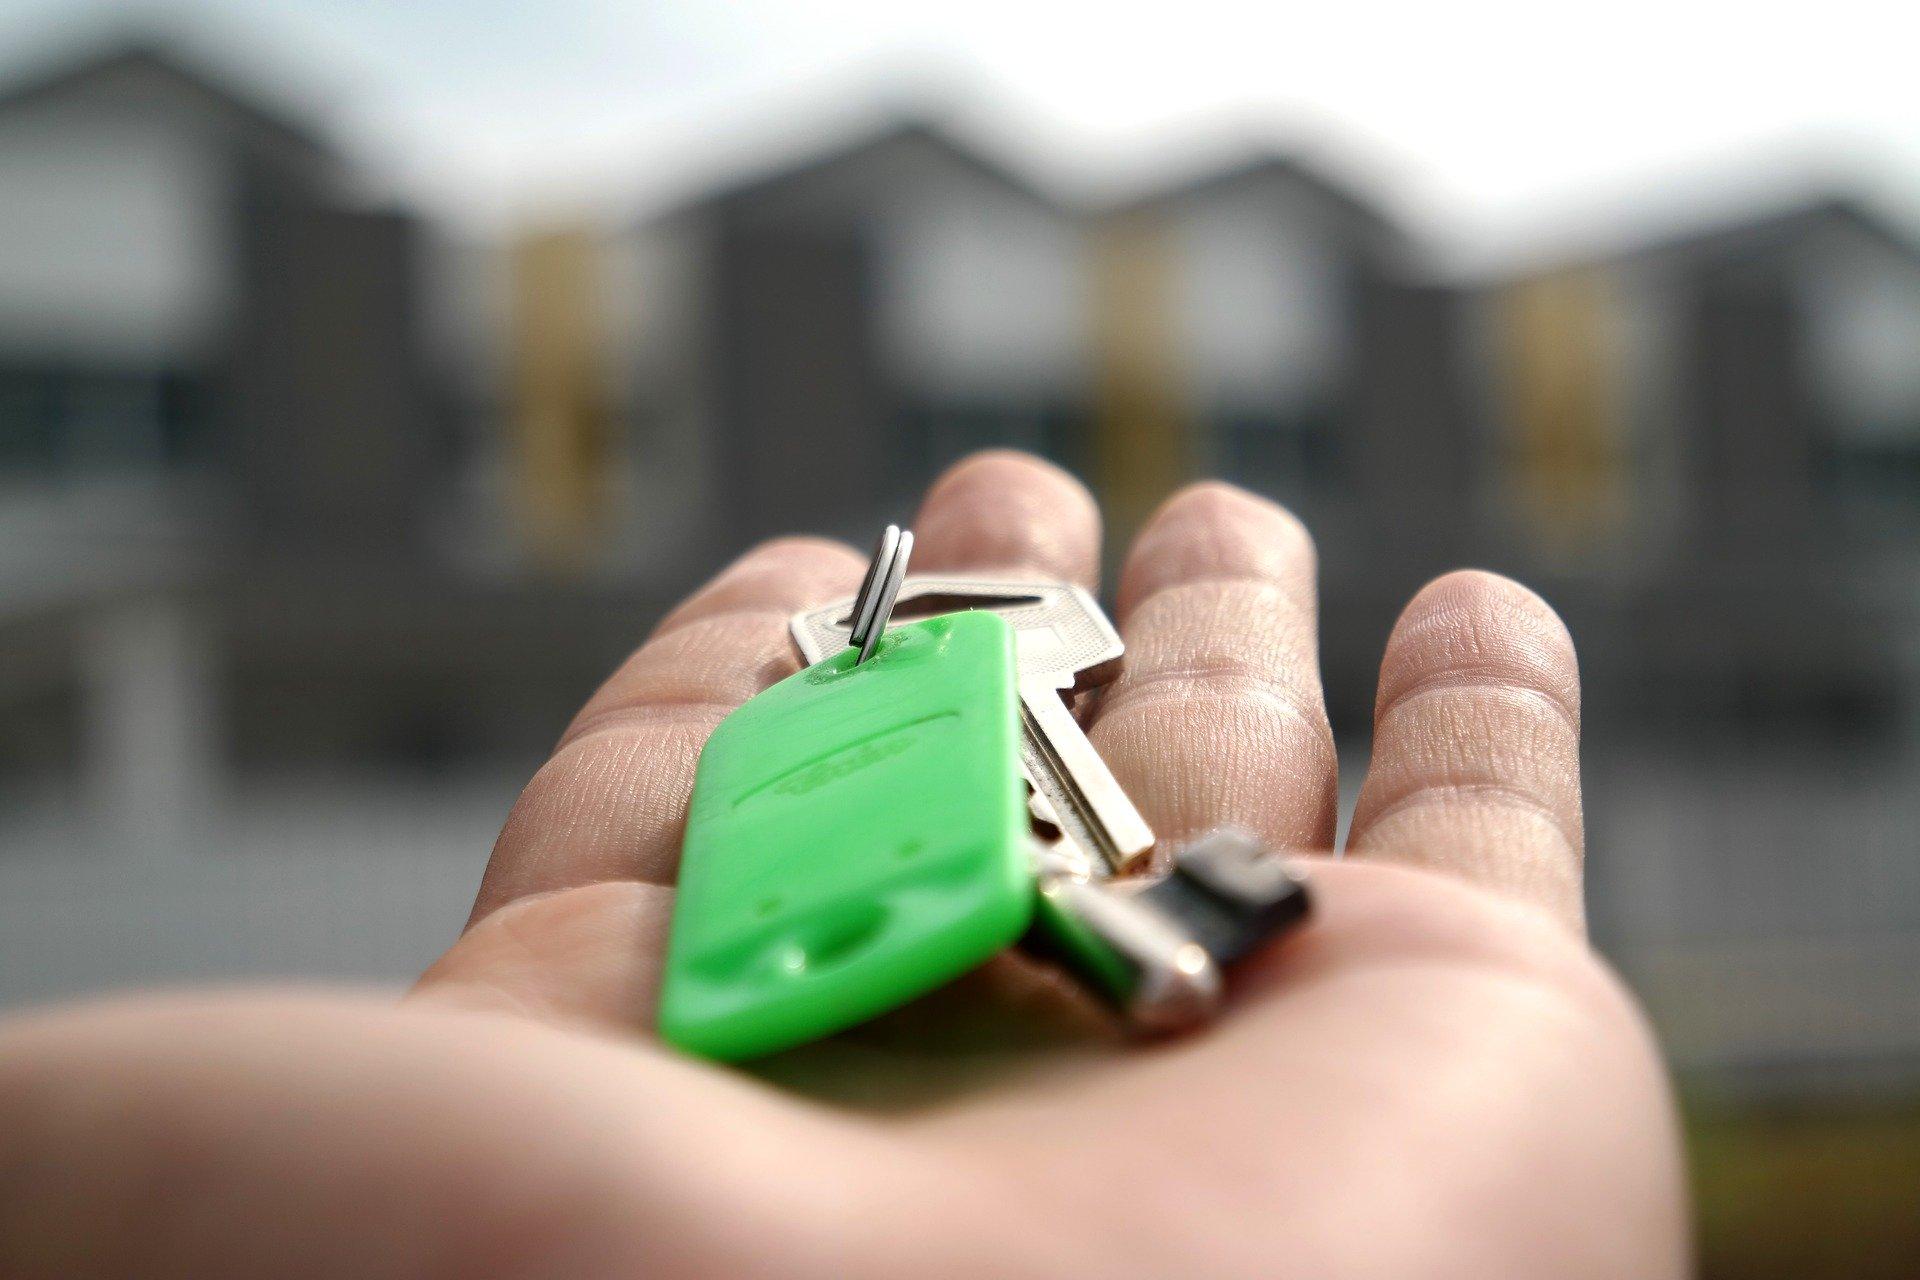 key 2323278 1920.jpg - Immobilier en Allemagne : plus de 1700 personnes sont intéressées par la location de cet appartement à Berlin